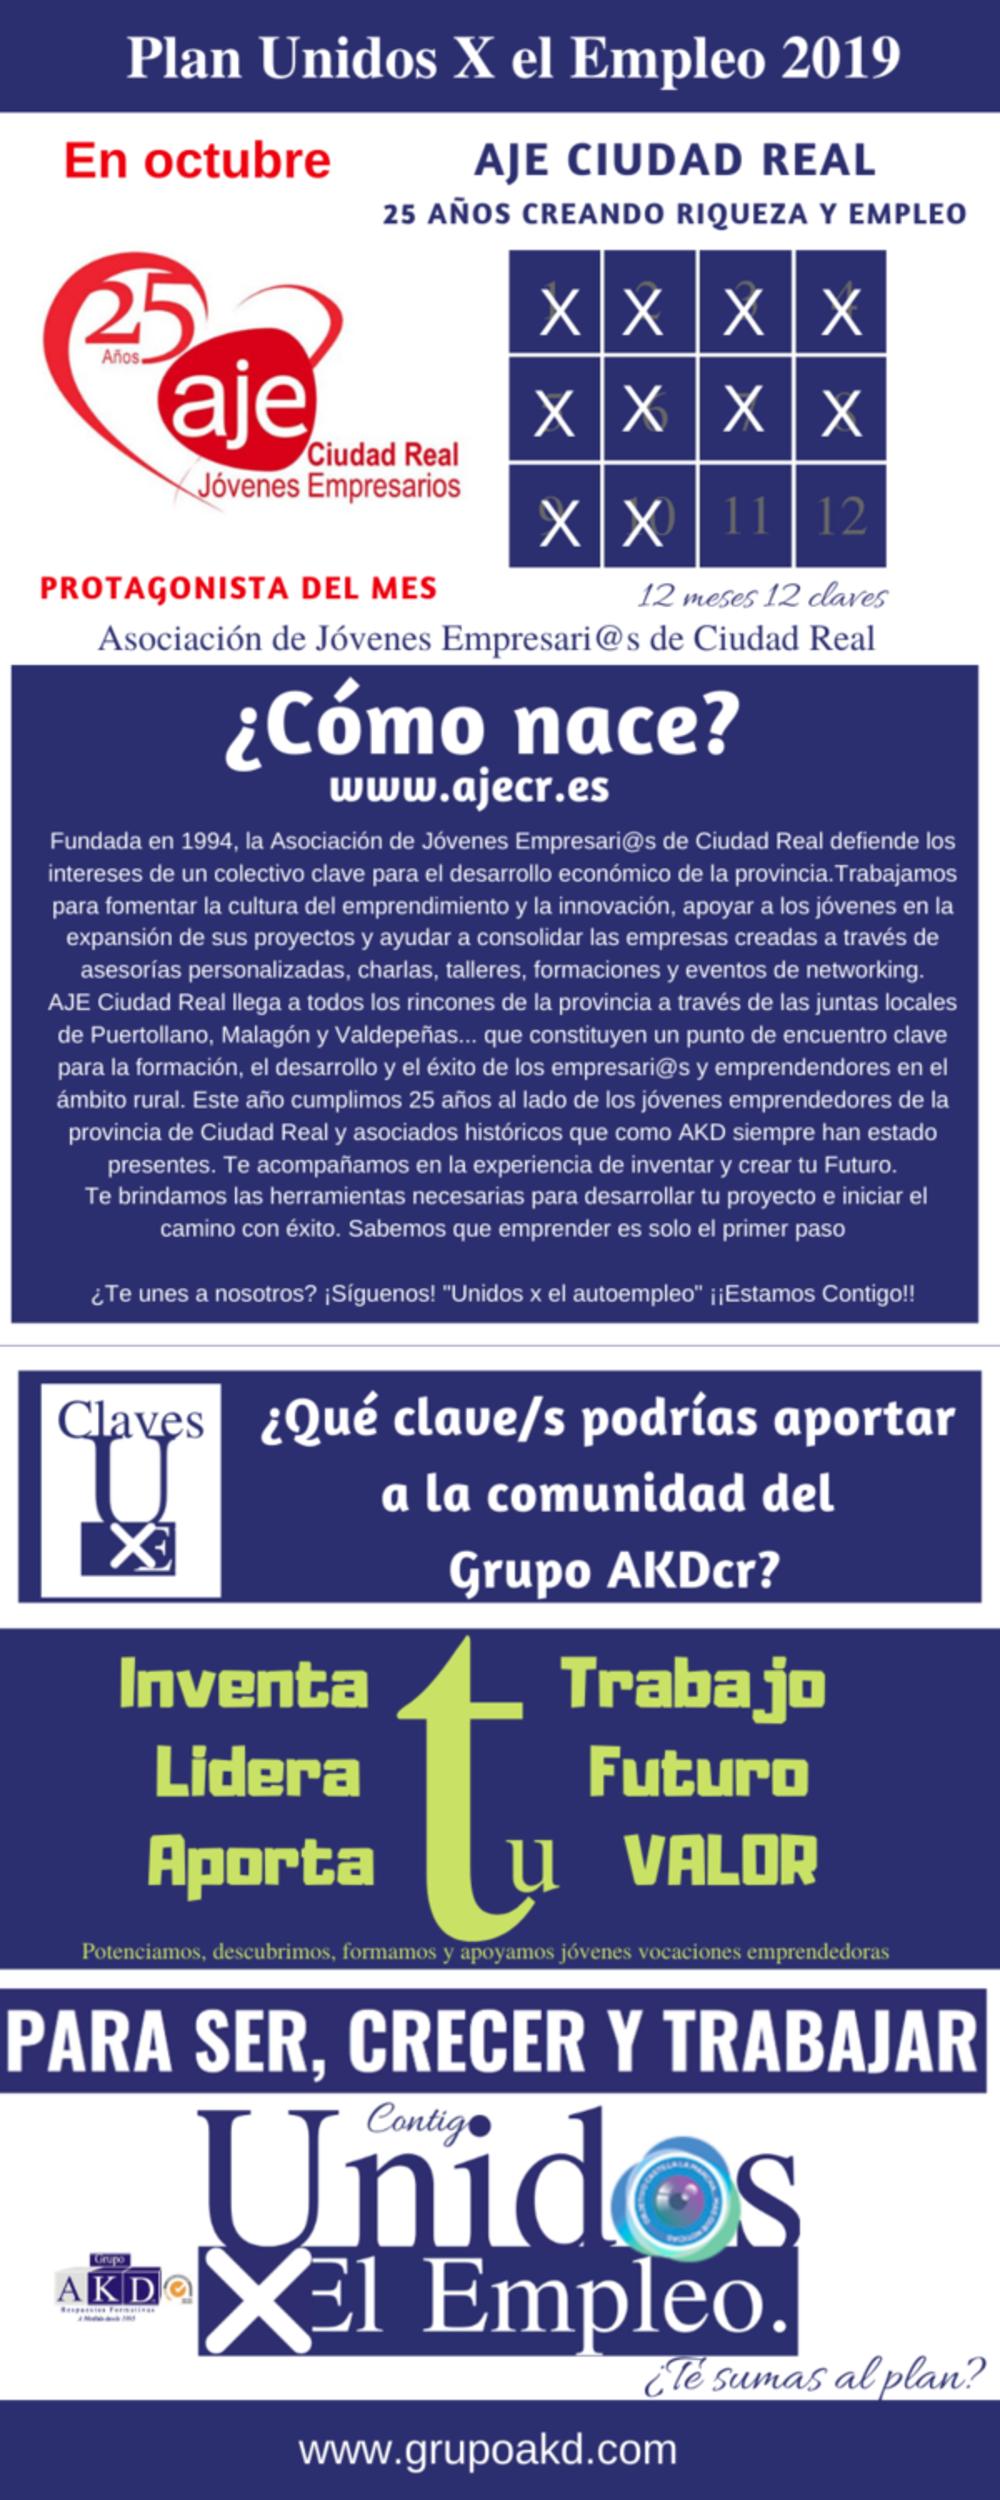 Protagonista UxE del mes de Octubre: Aje Ciudad Real. El colaborador ideal para la orientación al autoempleo y ayuda en planes de puesta en marcha ¡Conócelo!